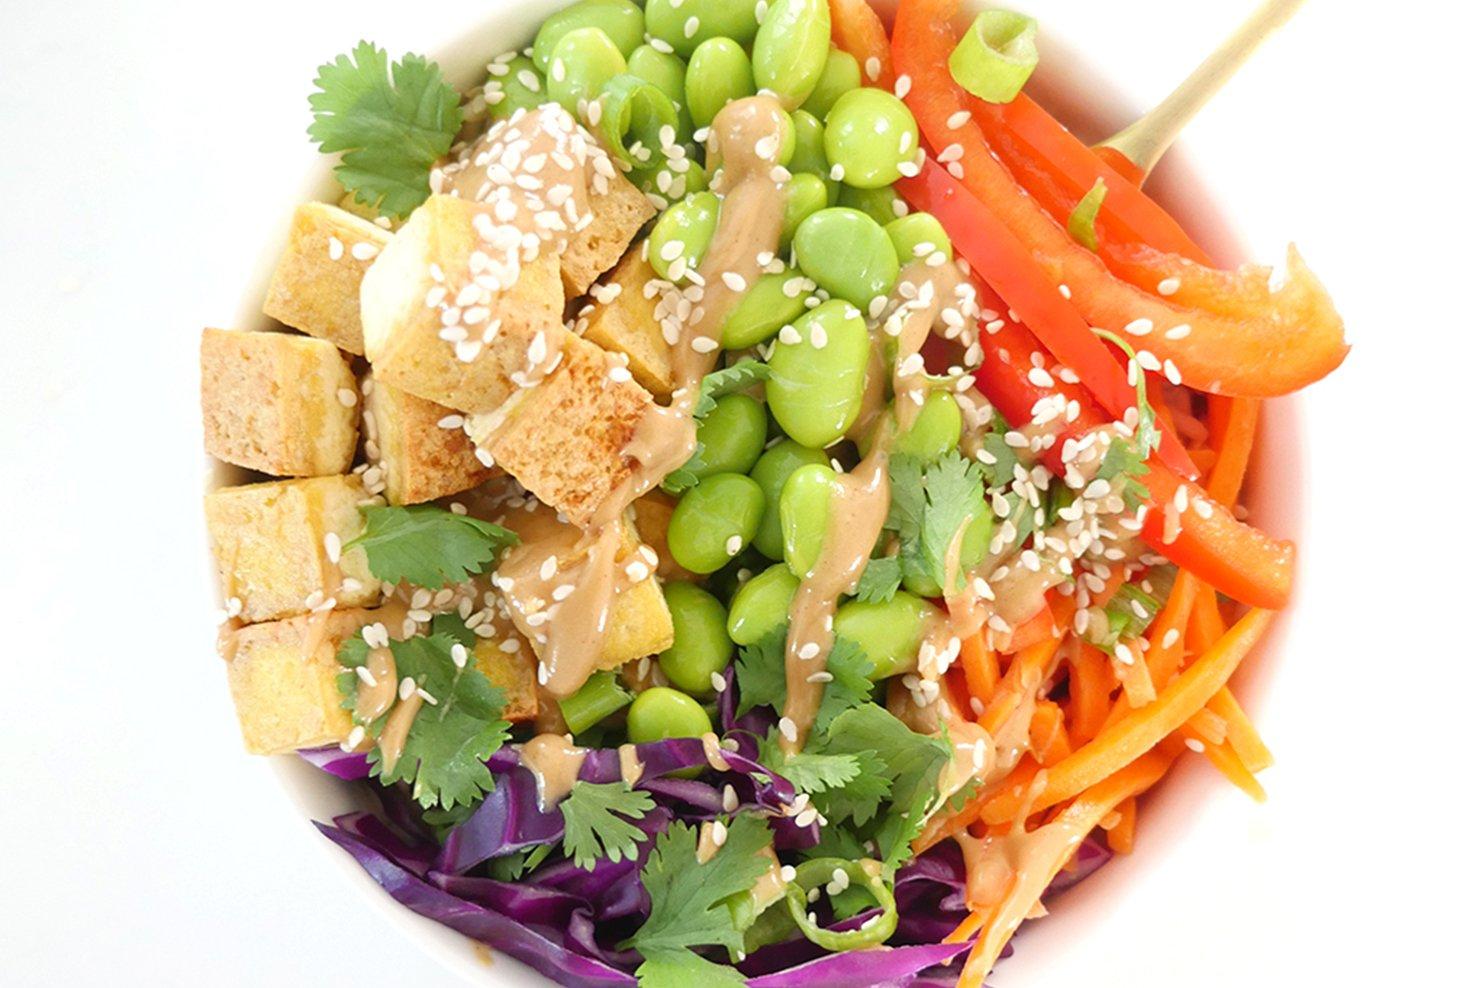 _0001_Peanut Tofu Bowl